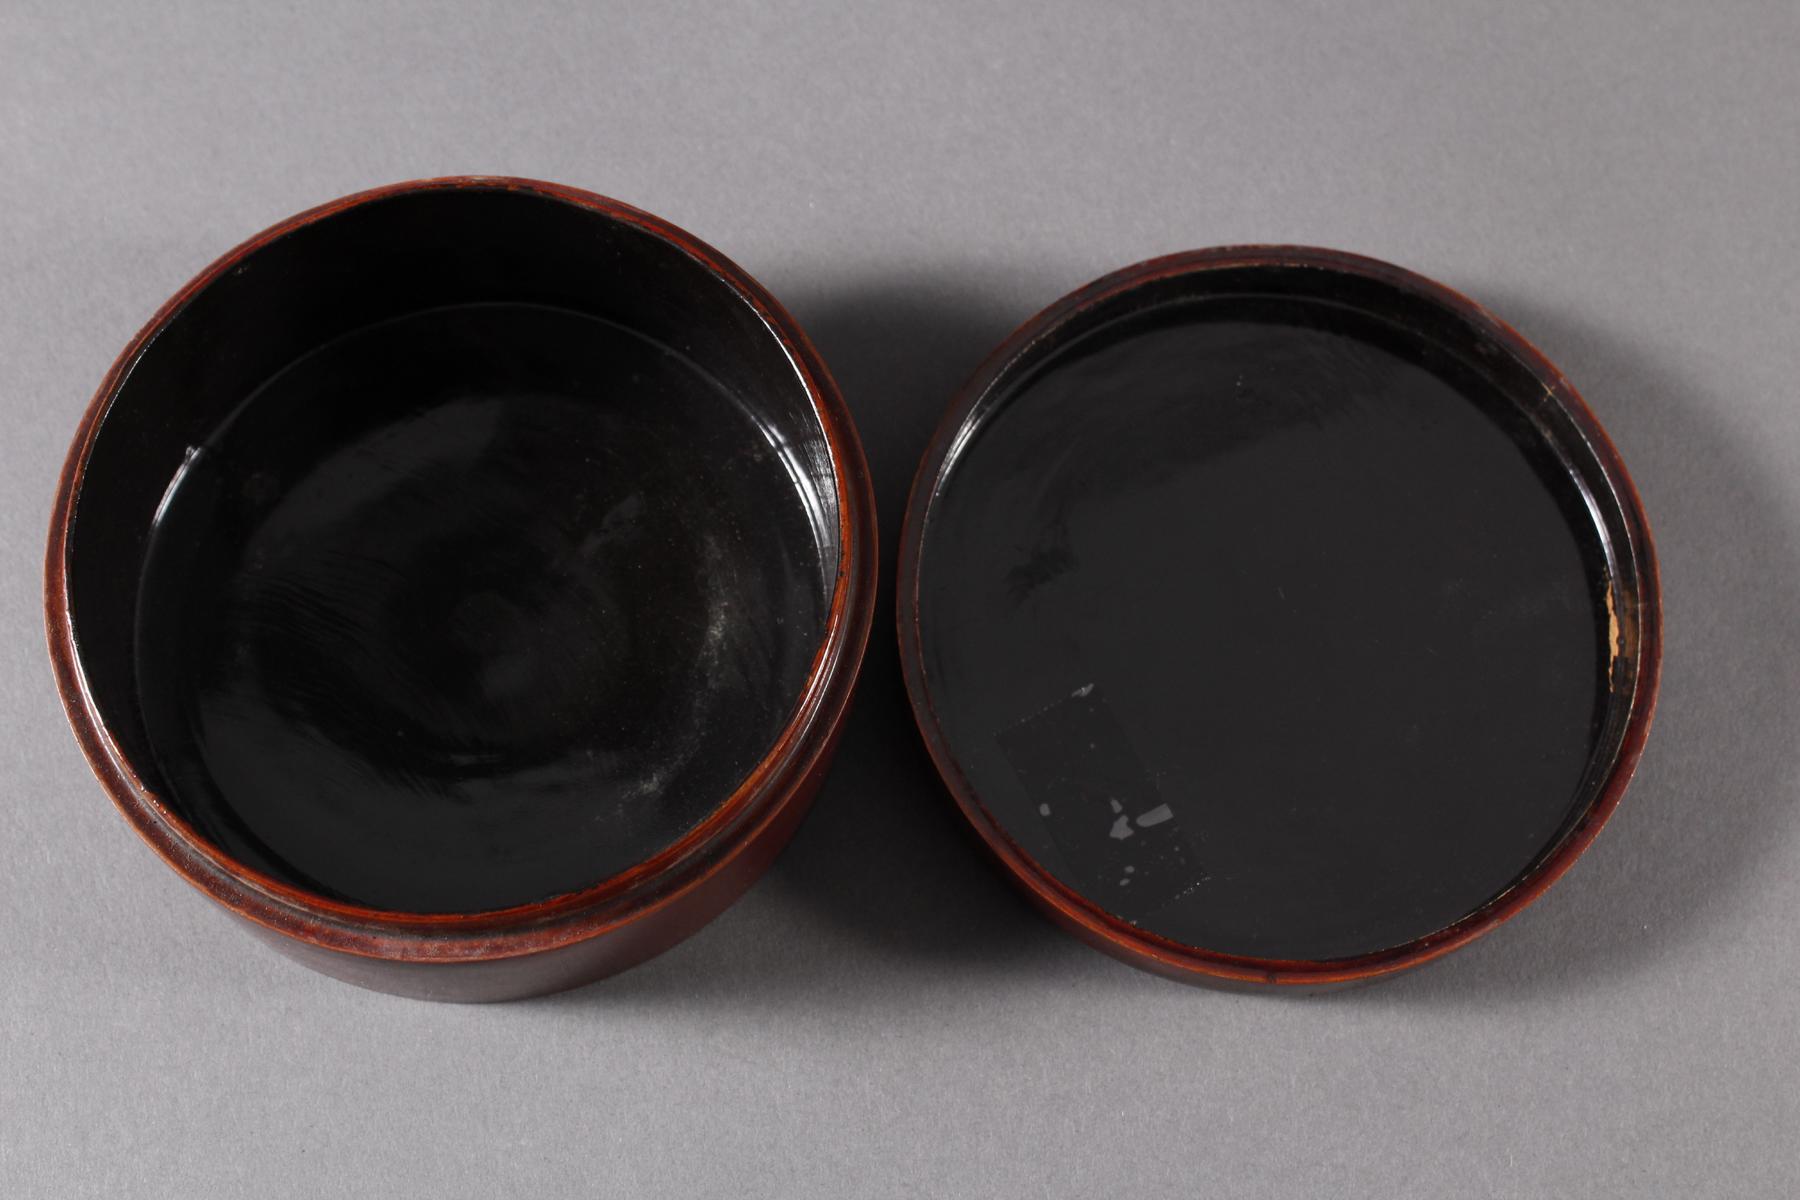 Lack Deckeldose mit 10 Tellereinsätzen, Japan, späte Meiji Periode-4